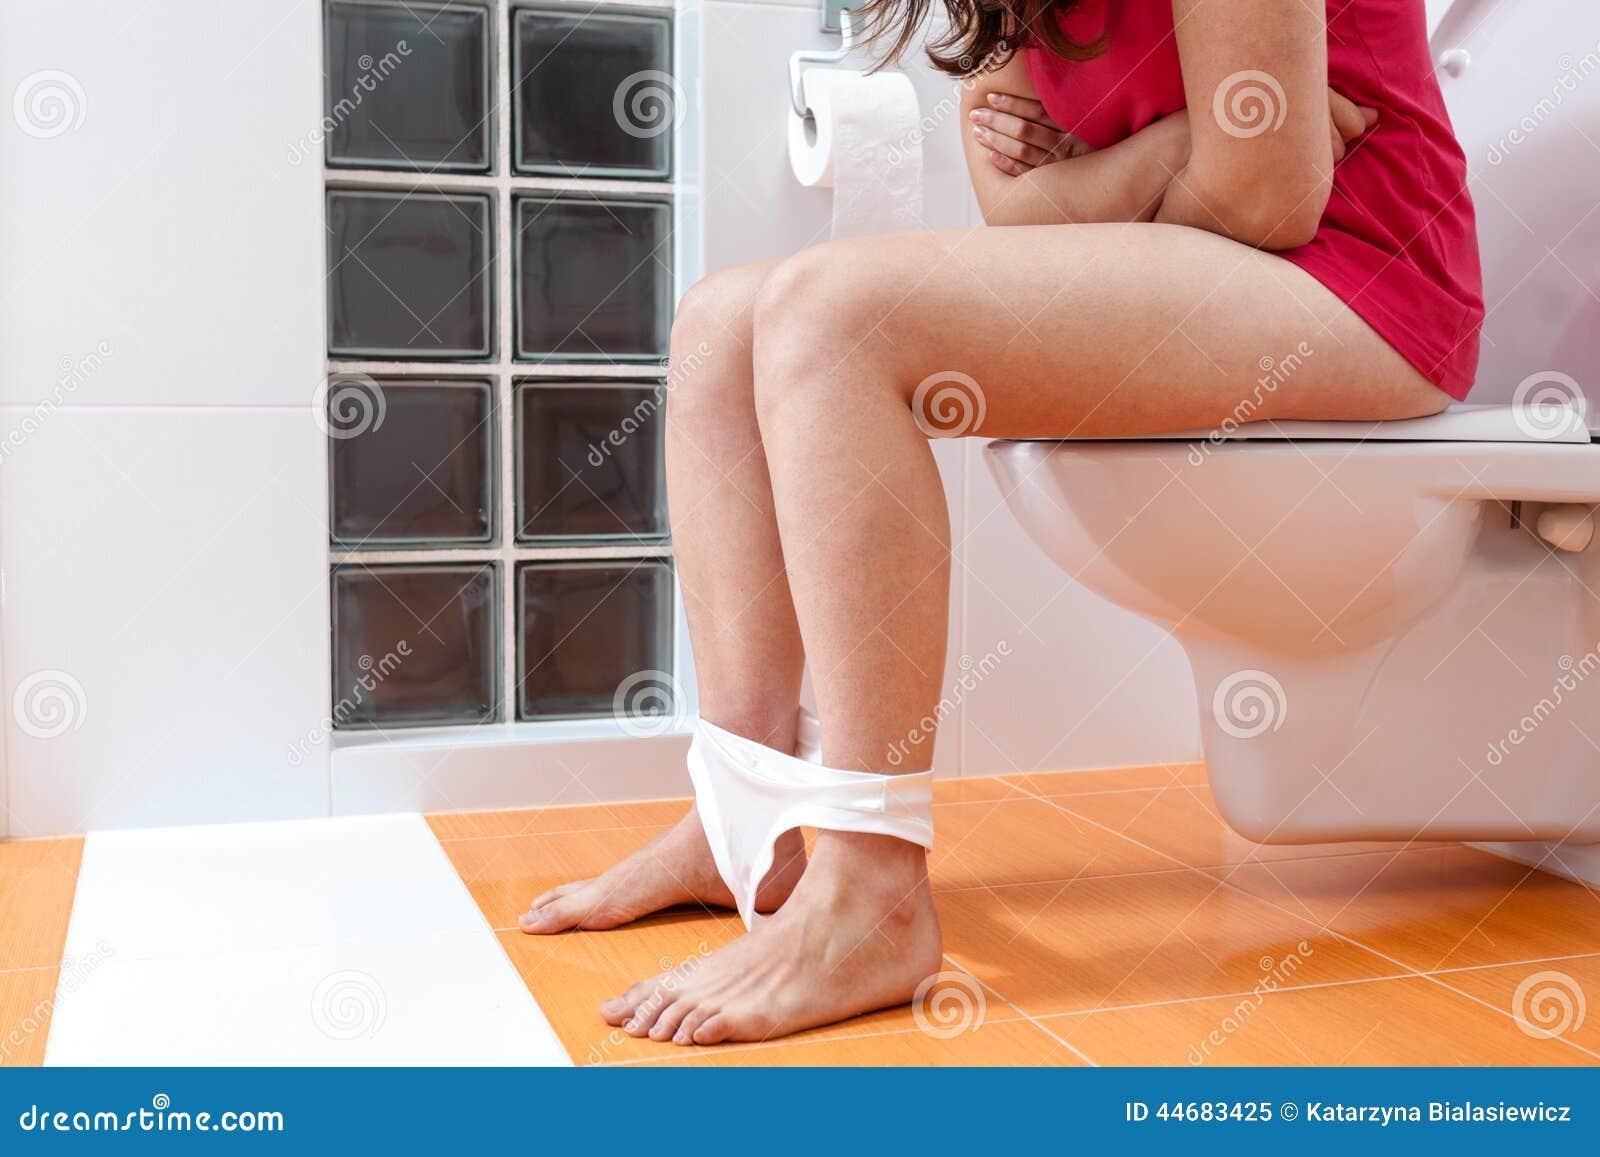 porno-v-zhopu-v-tualete